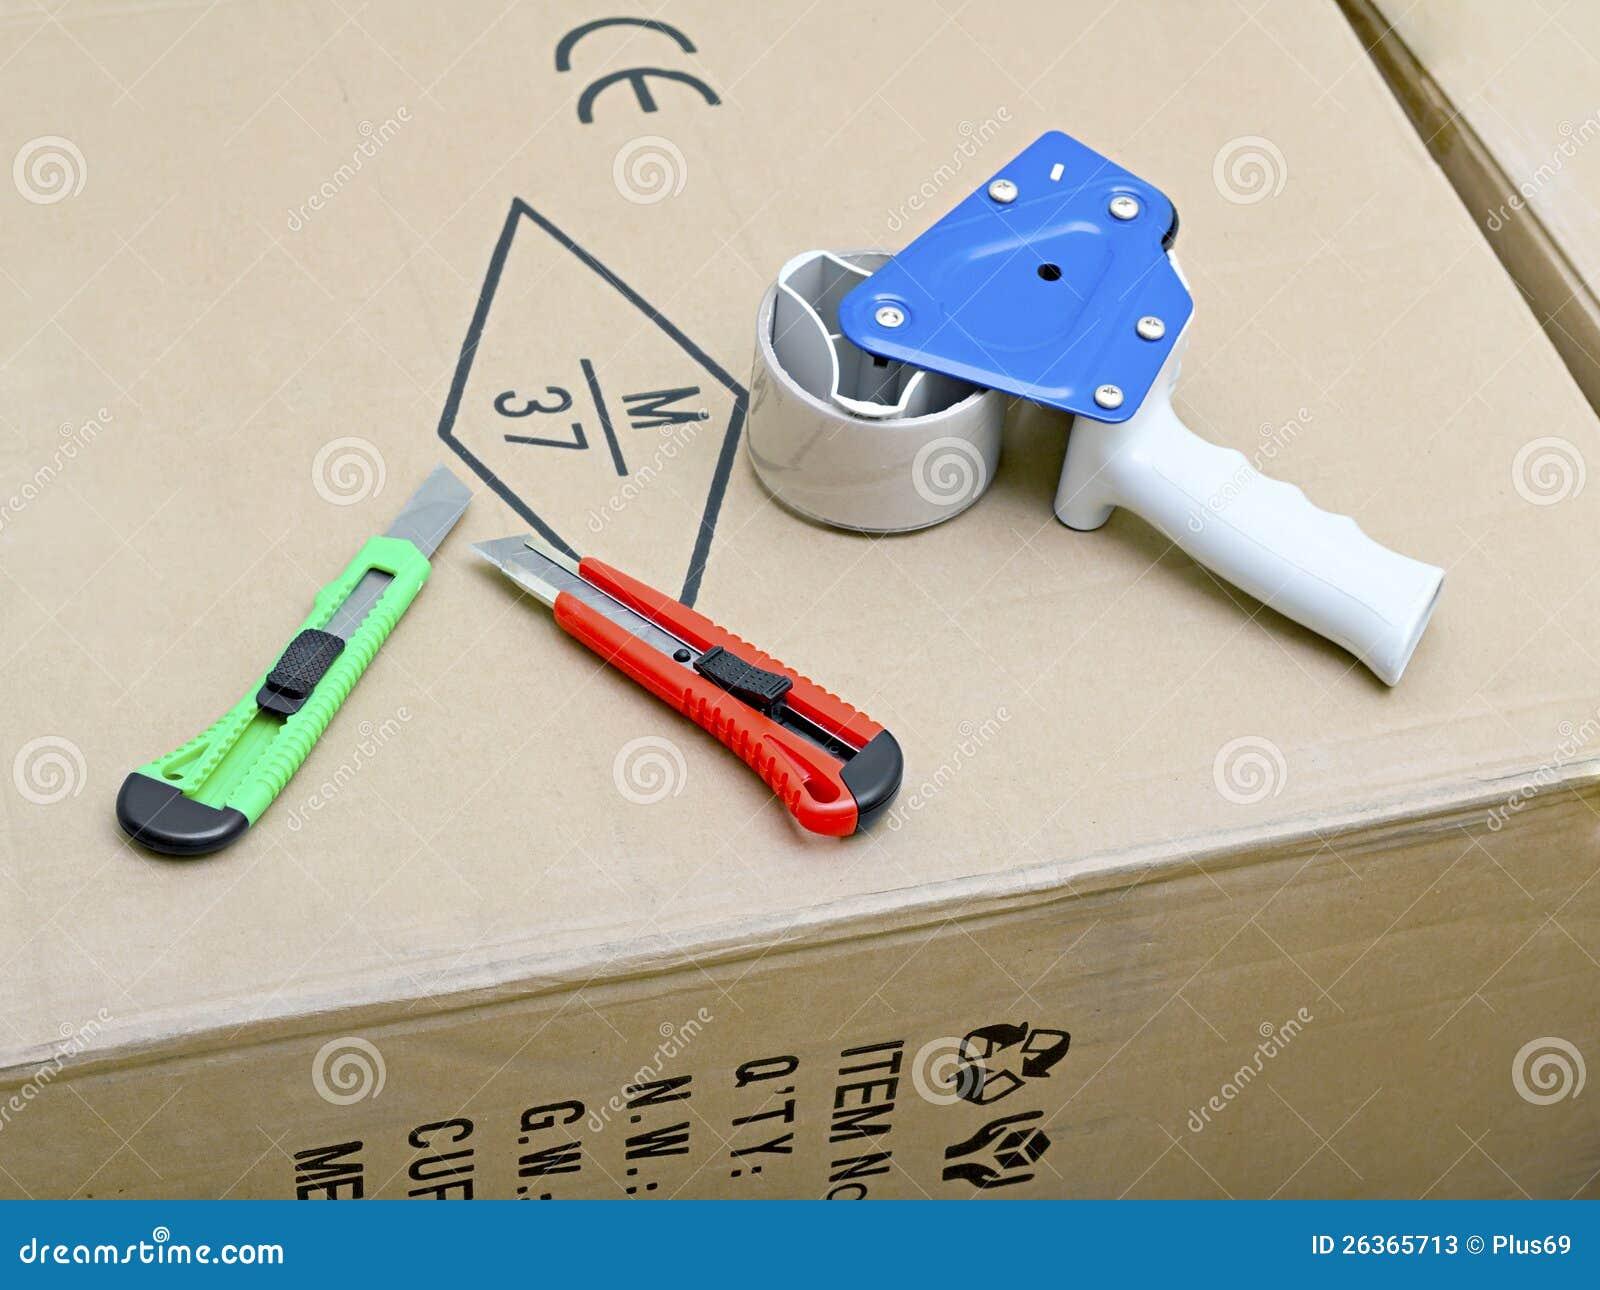 包装的磁带枪分配器